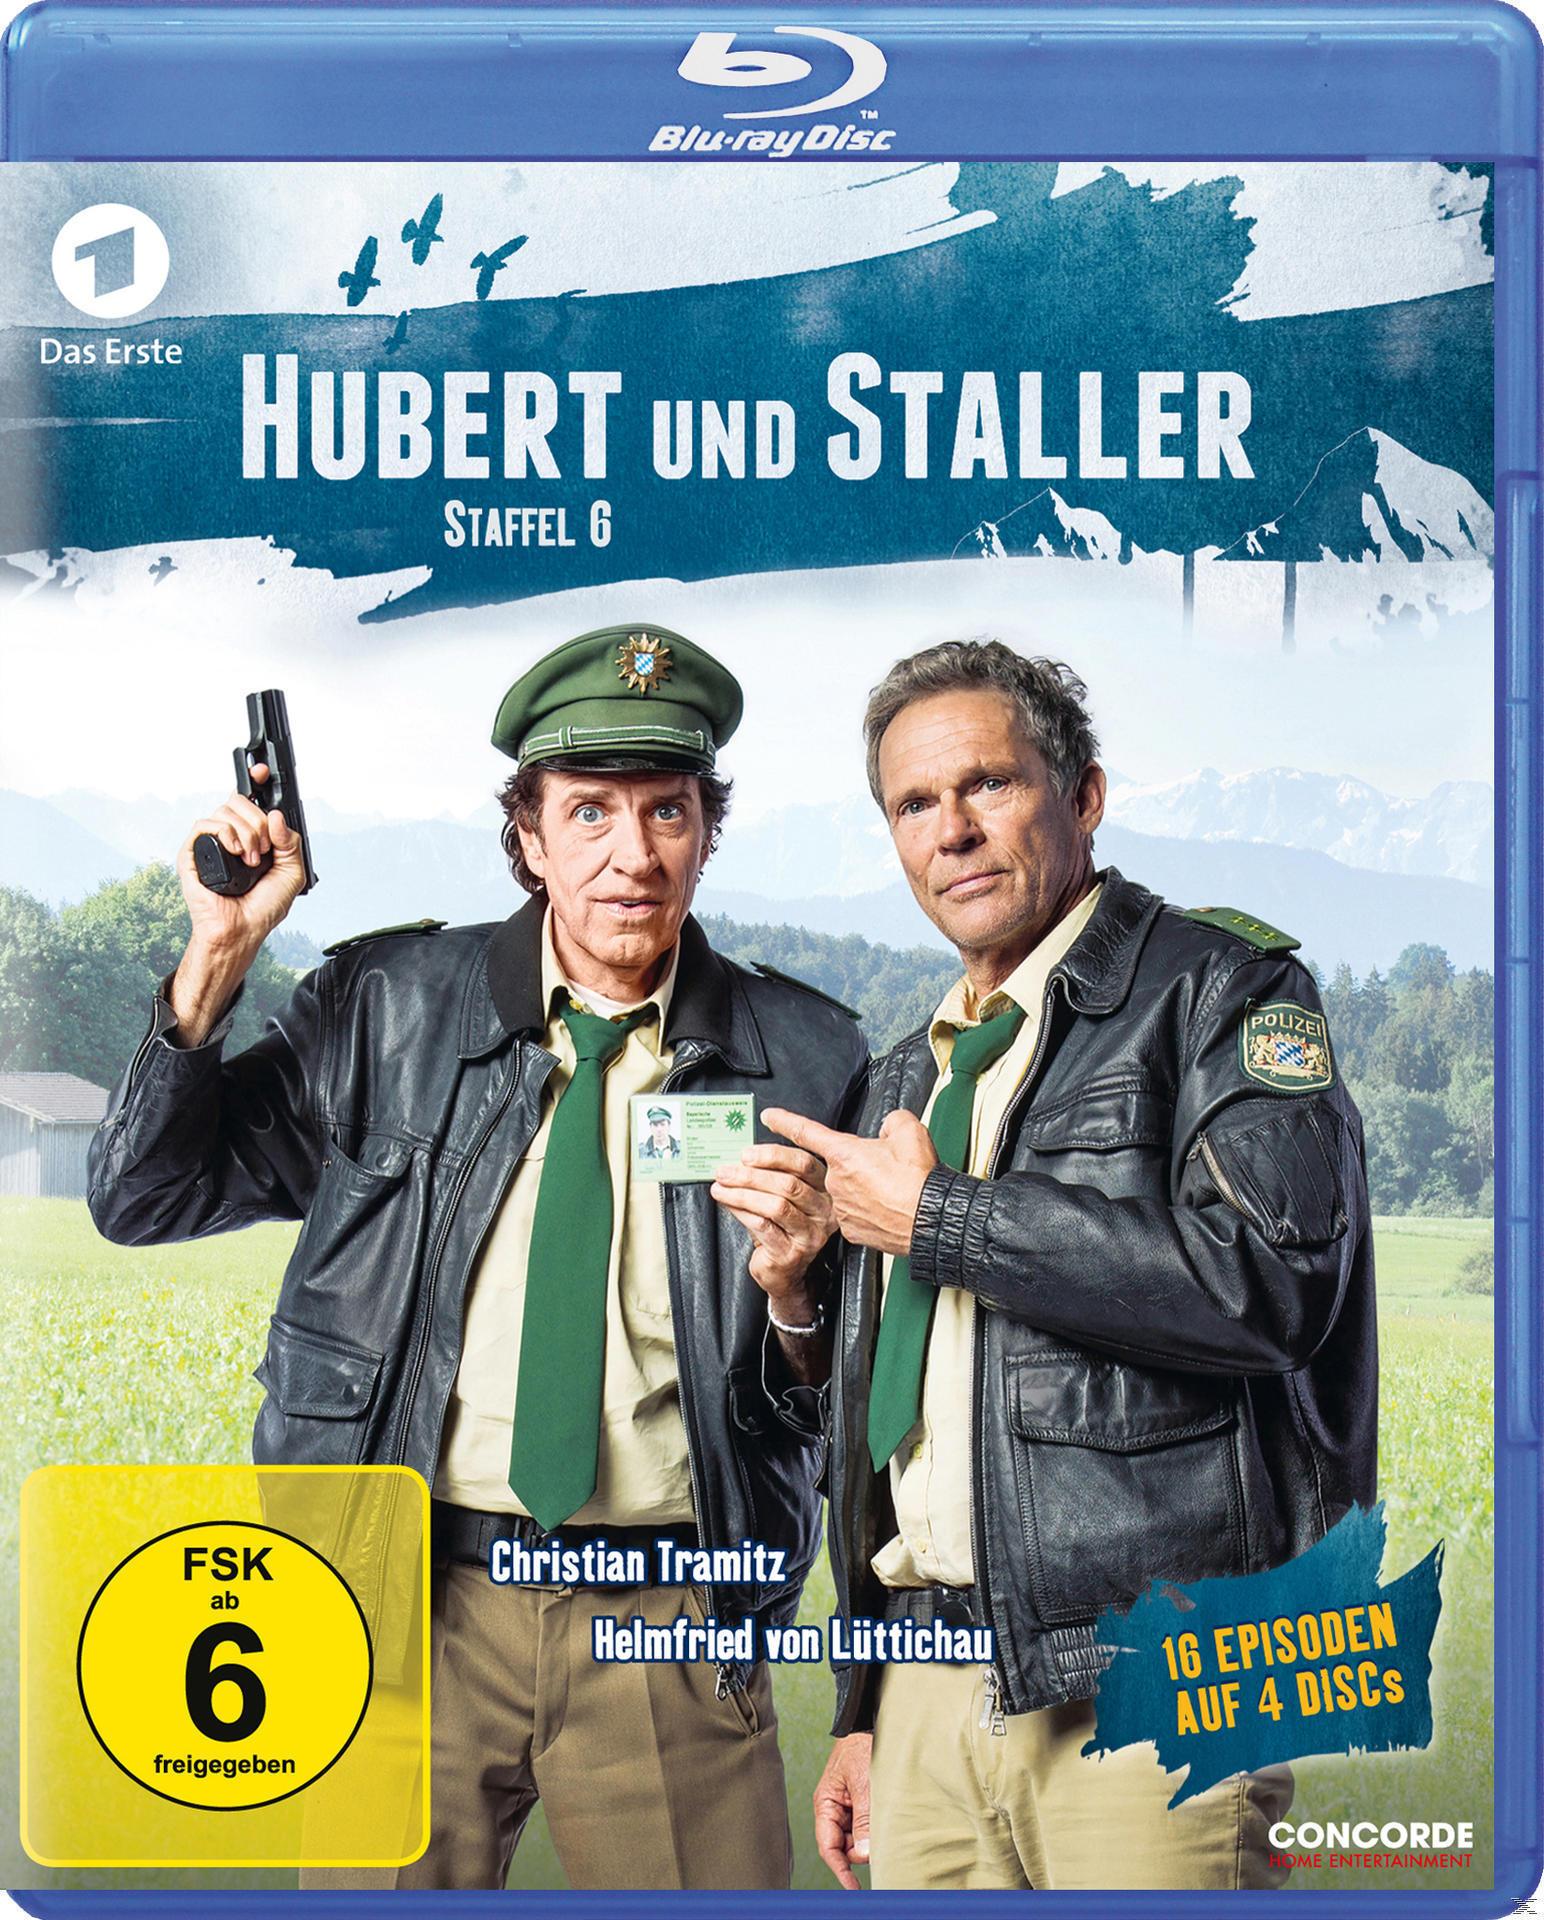 Hubert und Staller - Staffel 6 Bluray Box (BLU-RAY) für 22,41 Euro